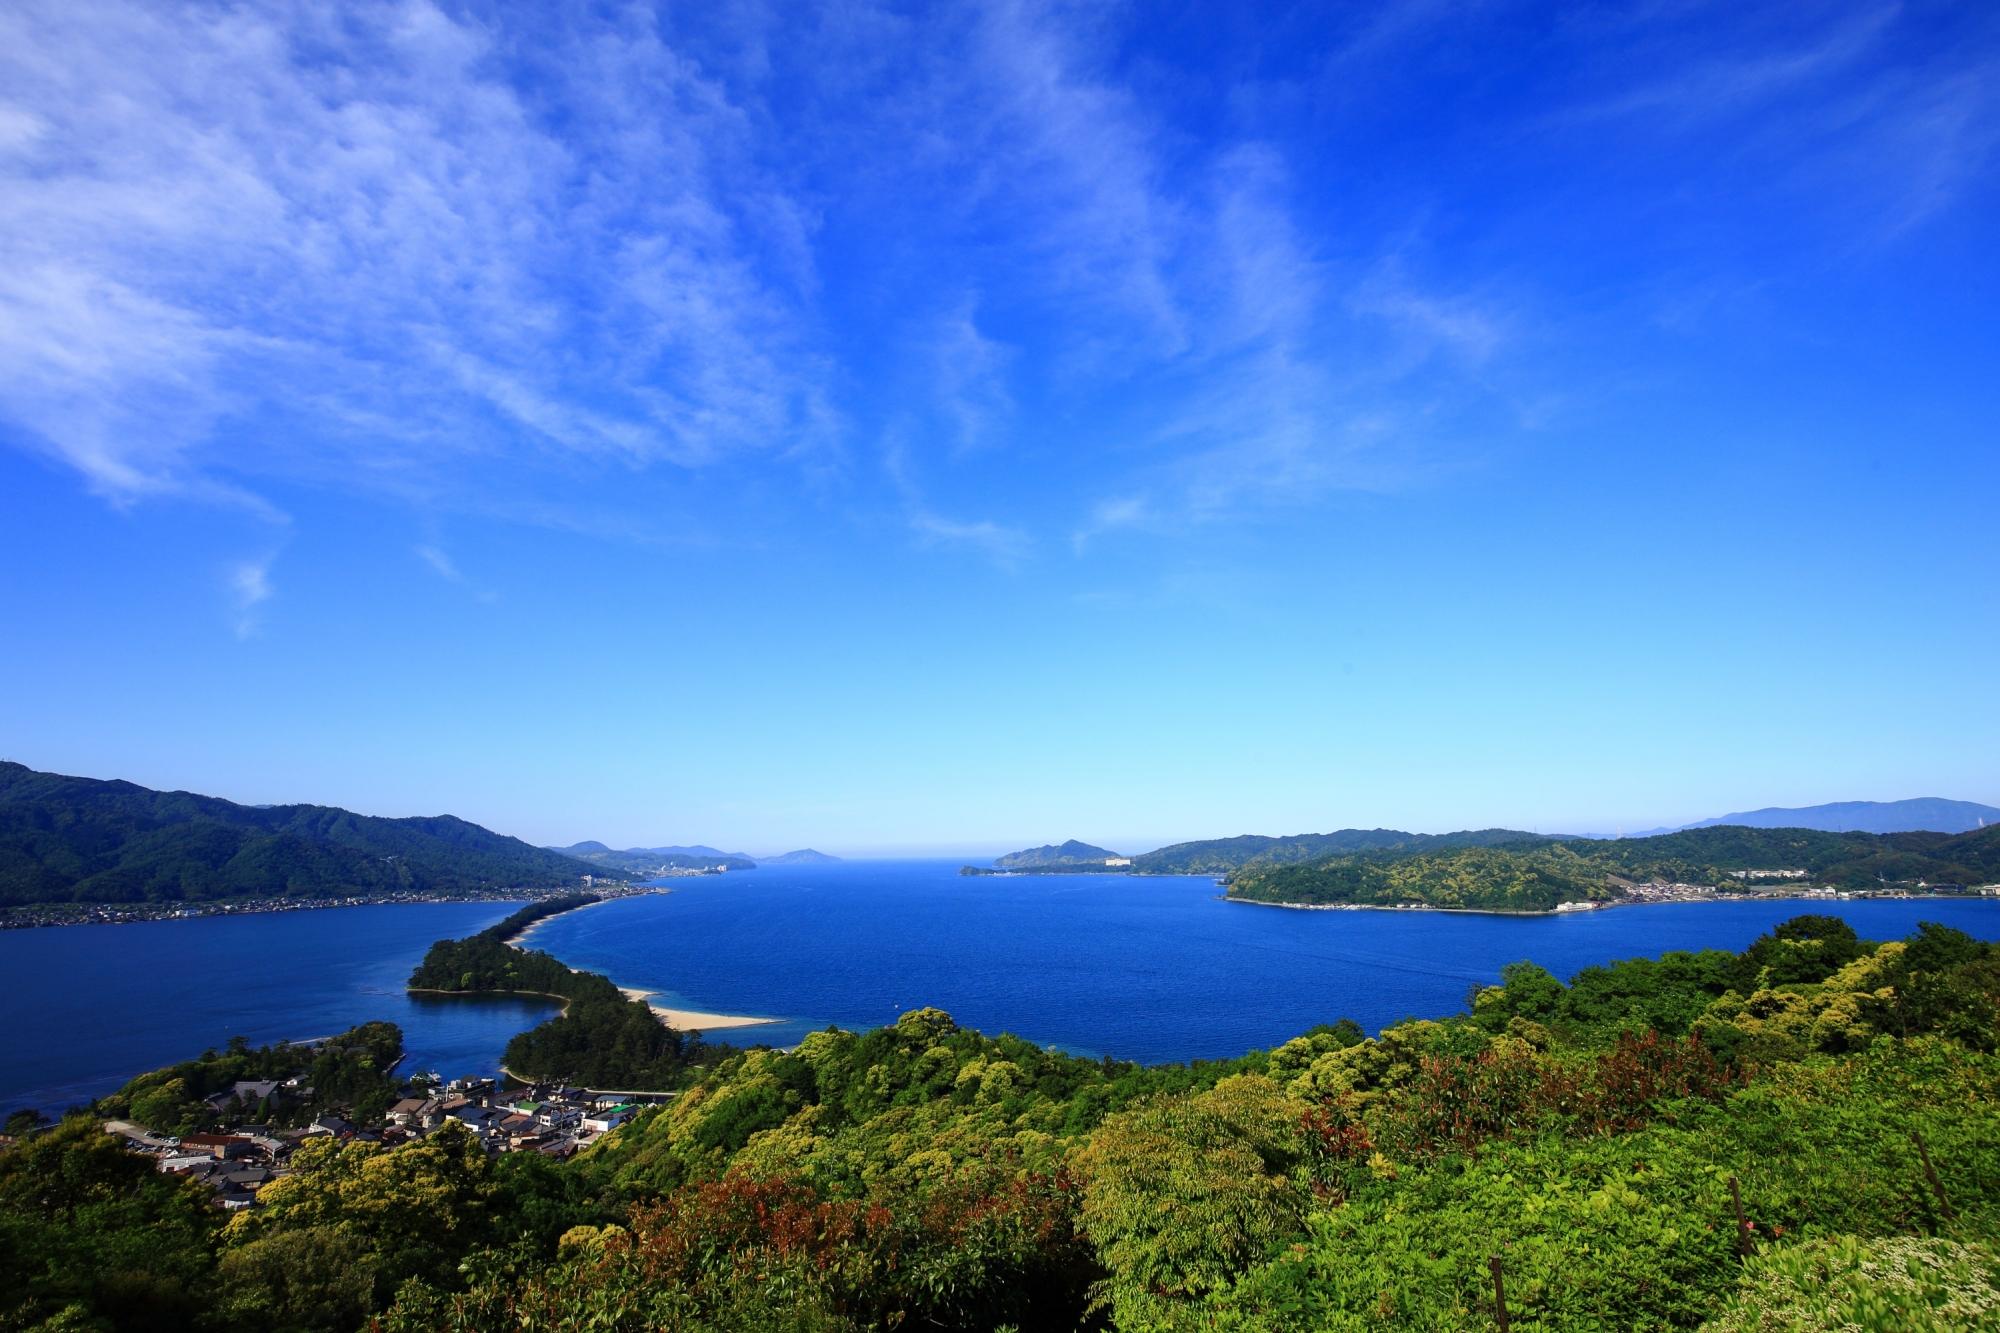 緑の綺麗な山々に囲まれた宮津湾と天橋立